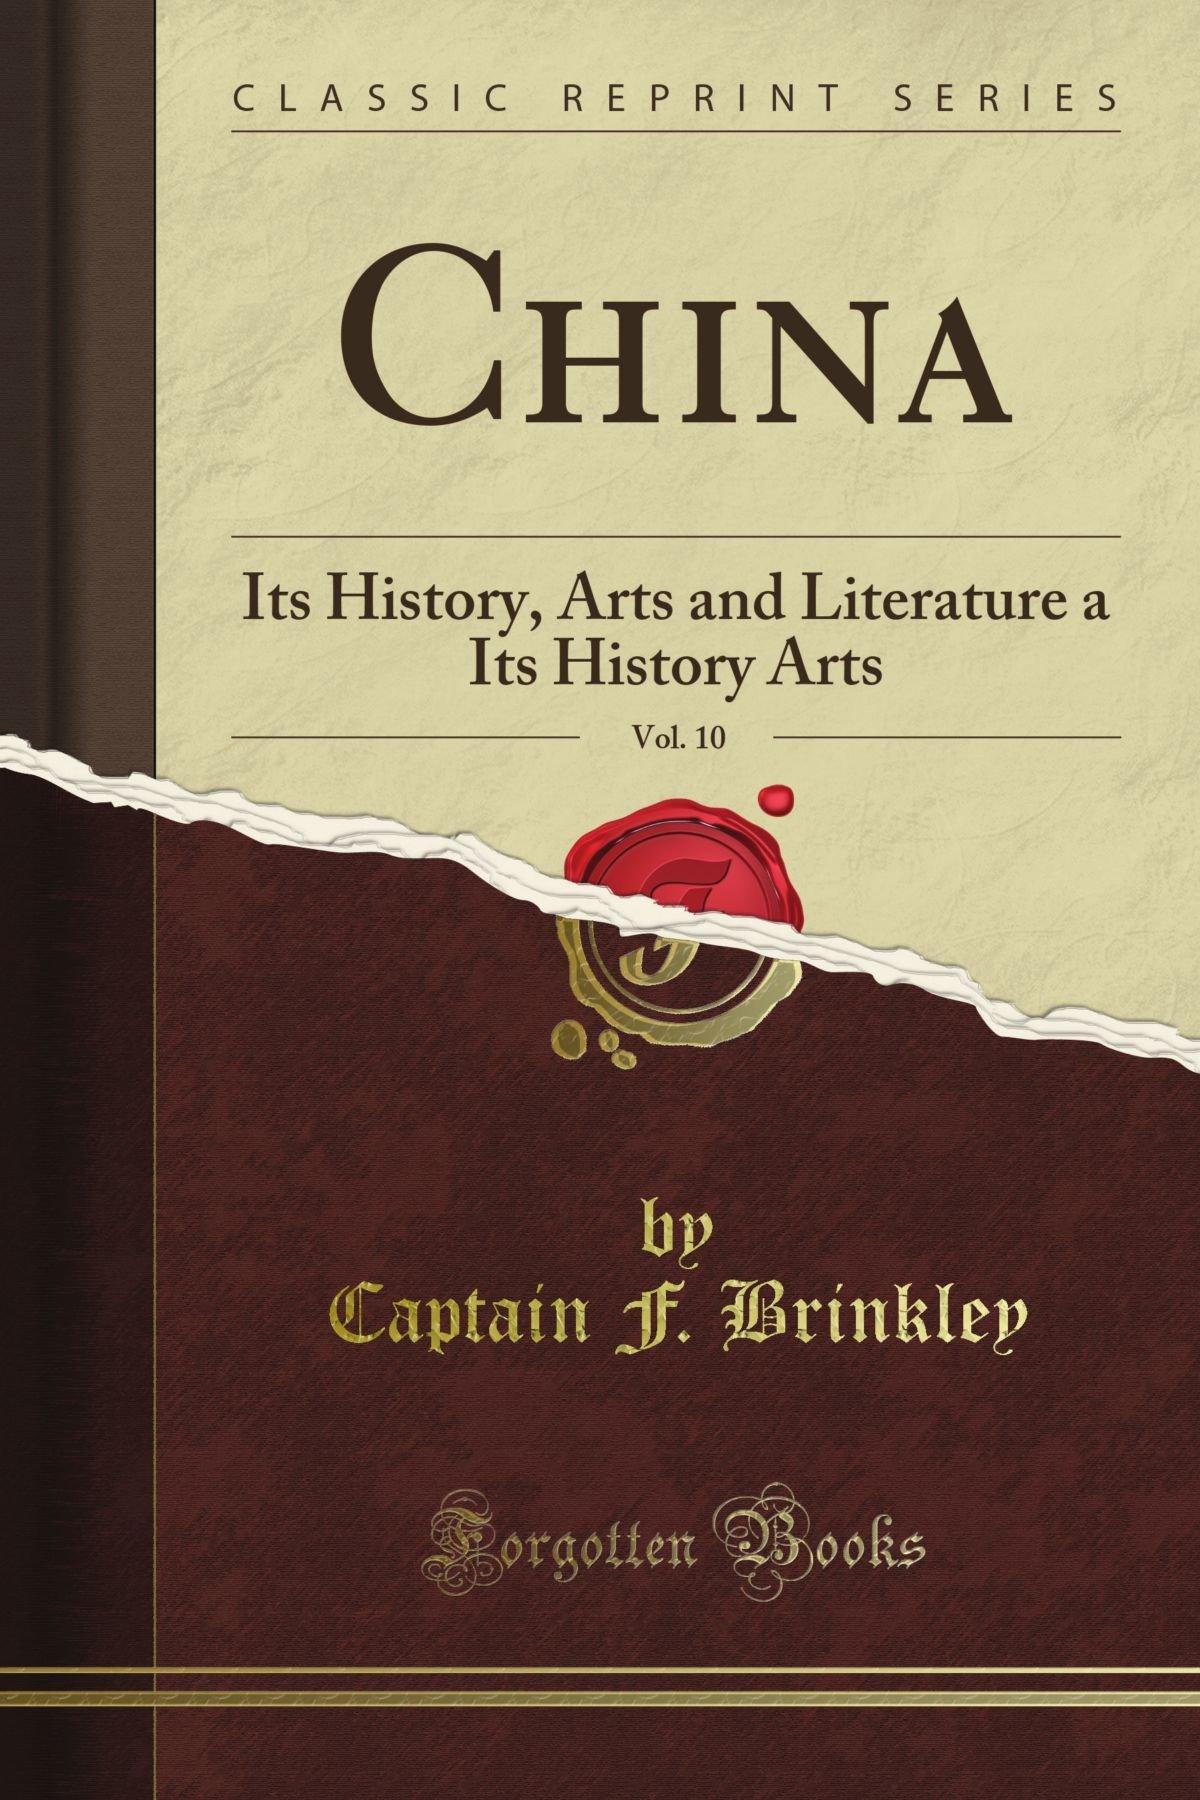 China: Its History, Arts and Literature a Its History Arts, Vol. 10 (Classic Reprint) ebook